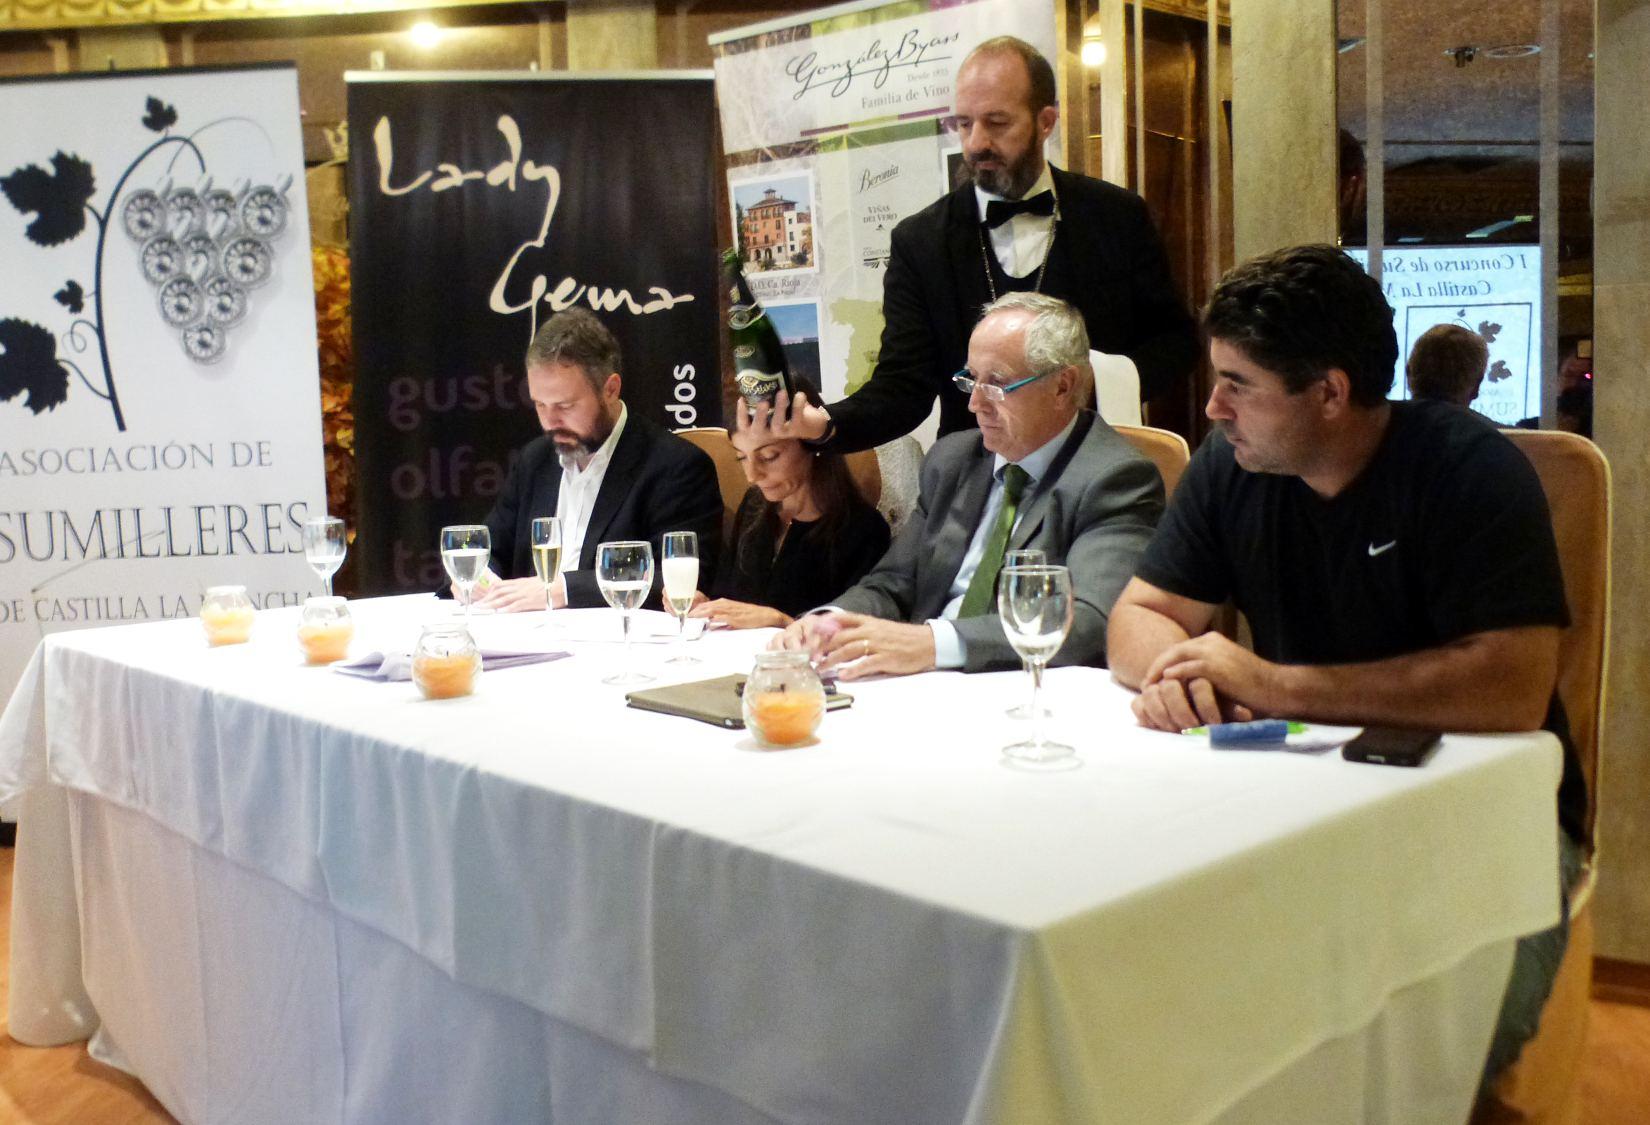 Todo preparado para el II Concurso al mejor sumiller de Castilla-La Mancha